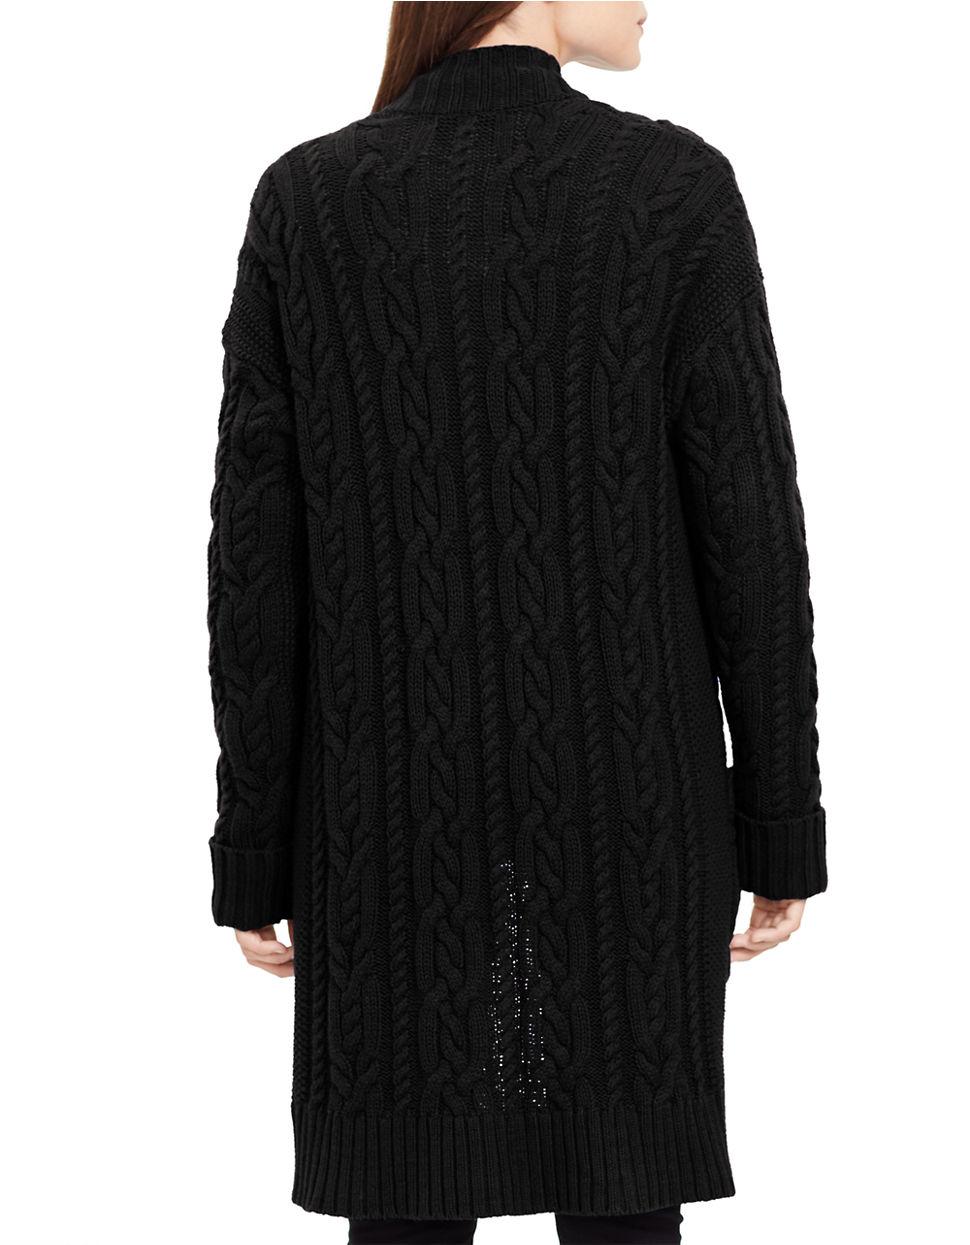 Lauren by ralph lauren Petite Cable-knit Open-front Cardigan in ...